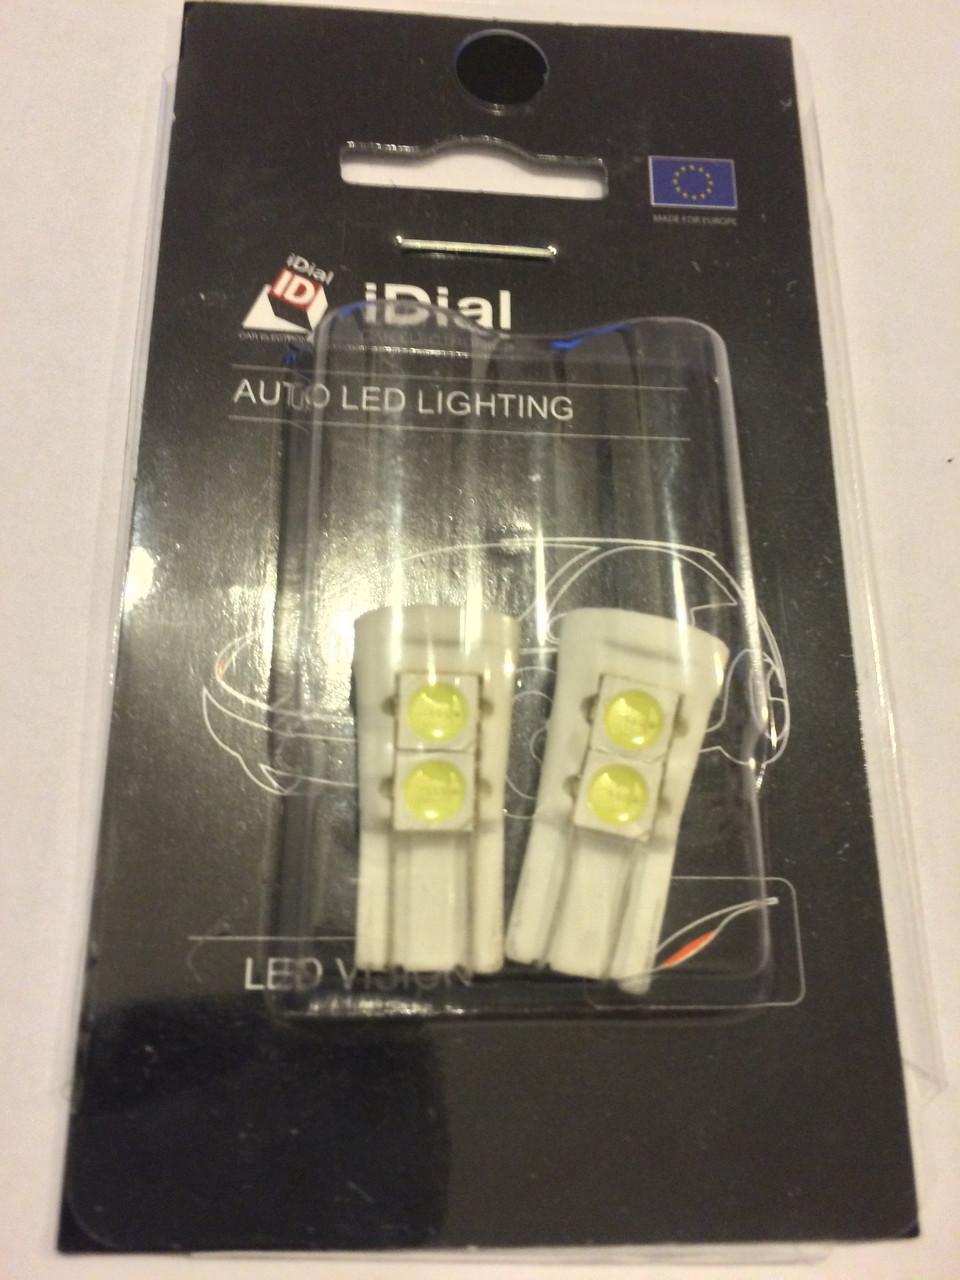 Автомобильные светодиодные лампы AutoApp. Светодиодная лампа повышенной мощности 469 5SMDCanbus ceramic